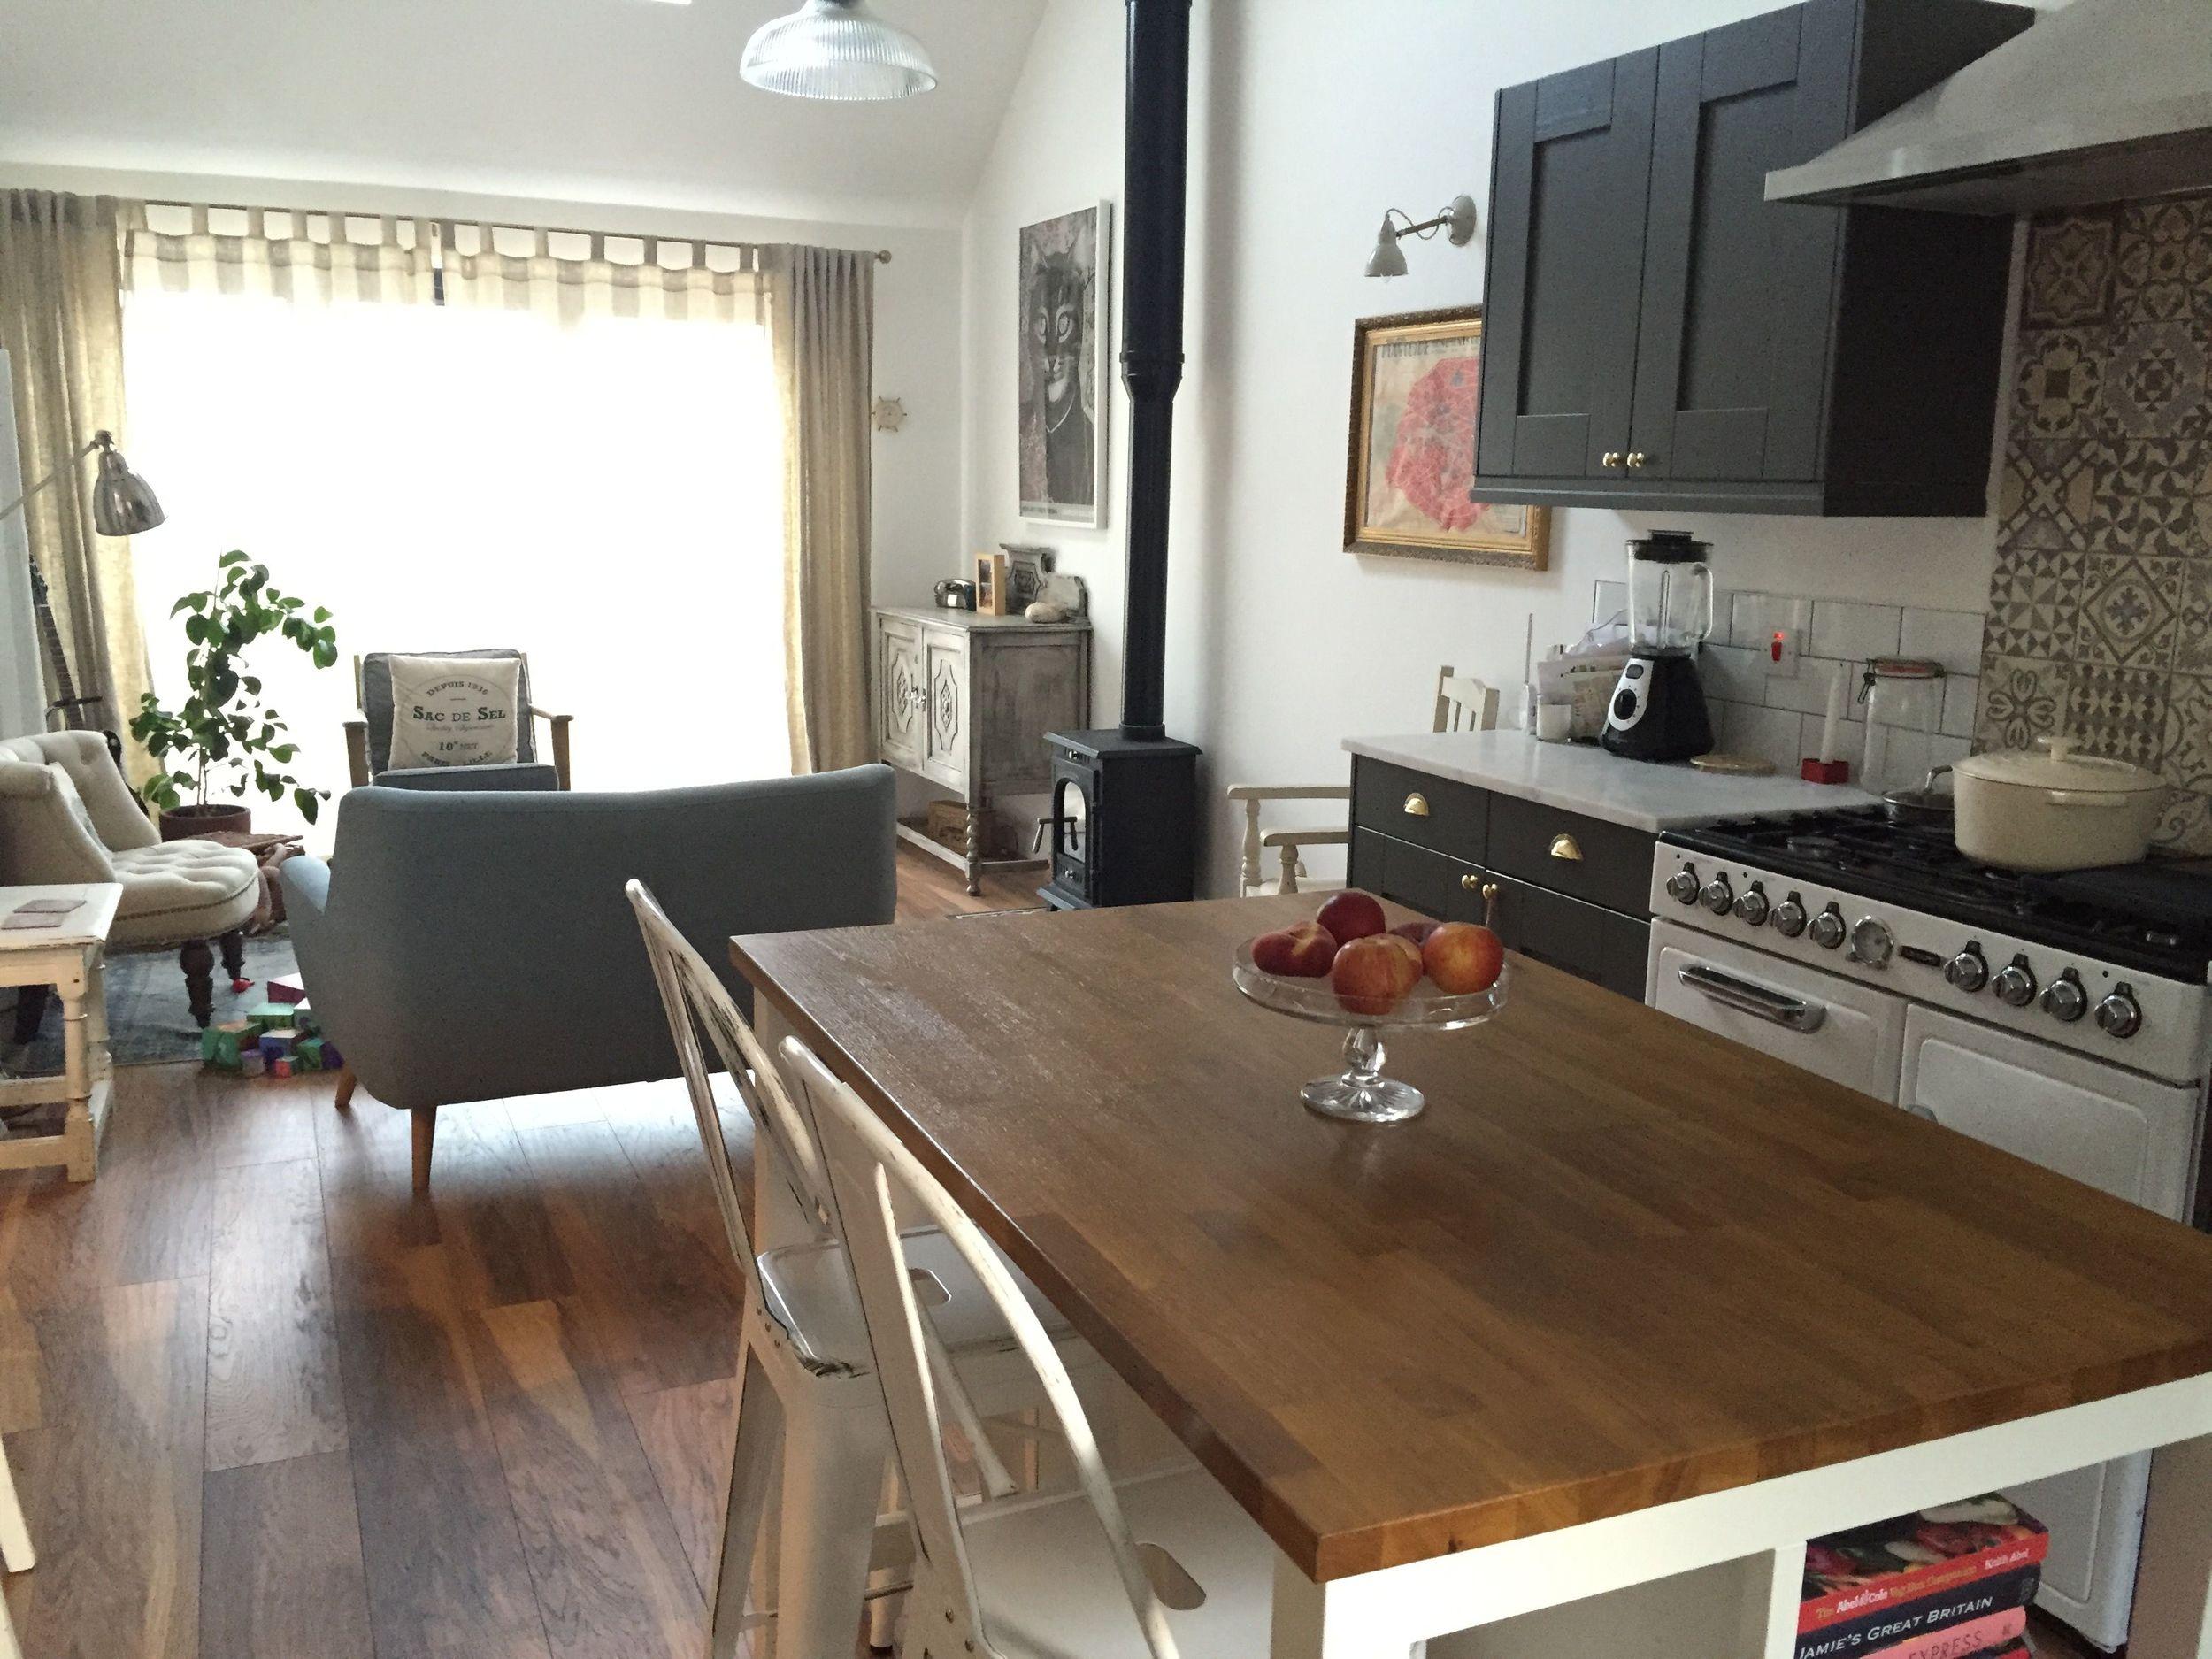 Interior design - residential & commercial interior design, decor and refits, kitchen design. Shoreham Beach, Sussex